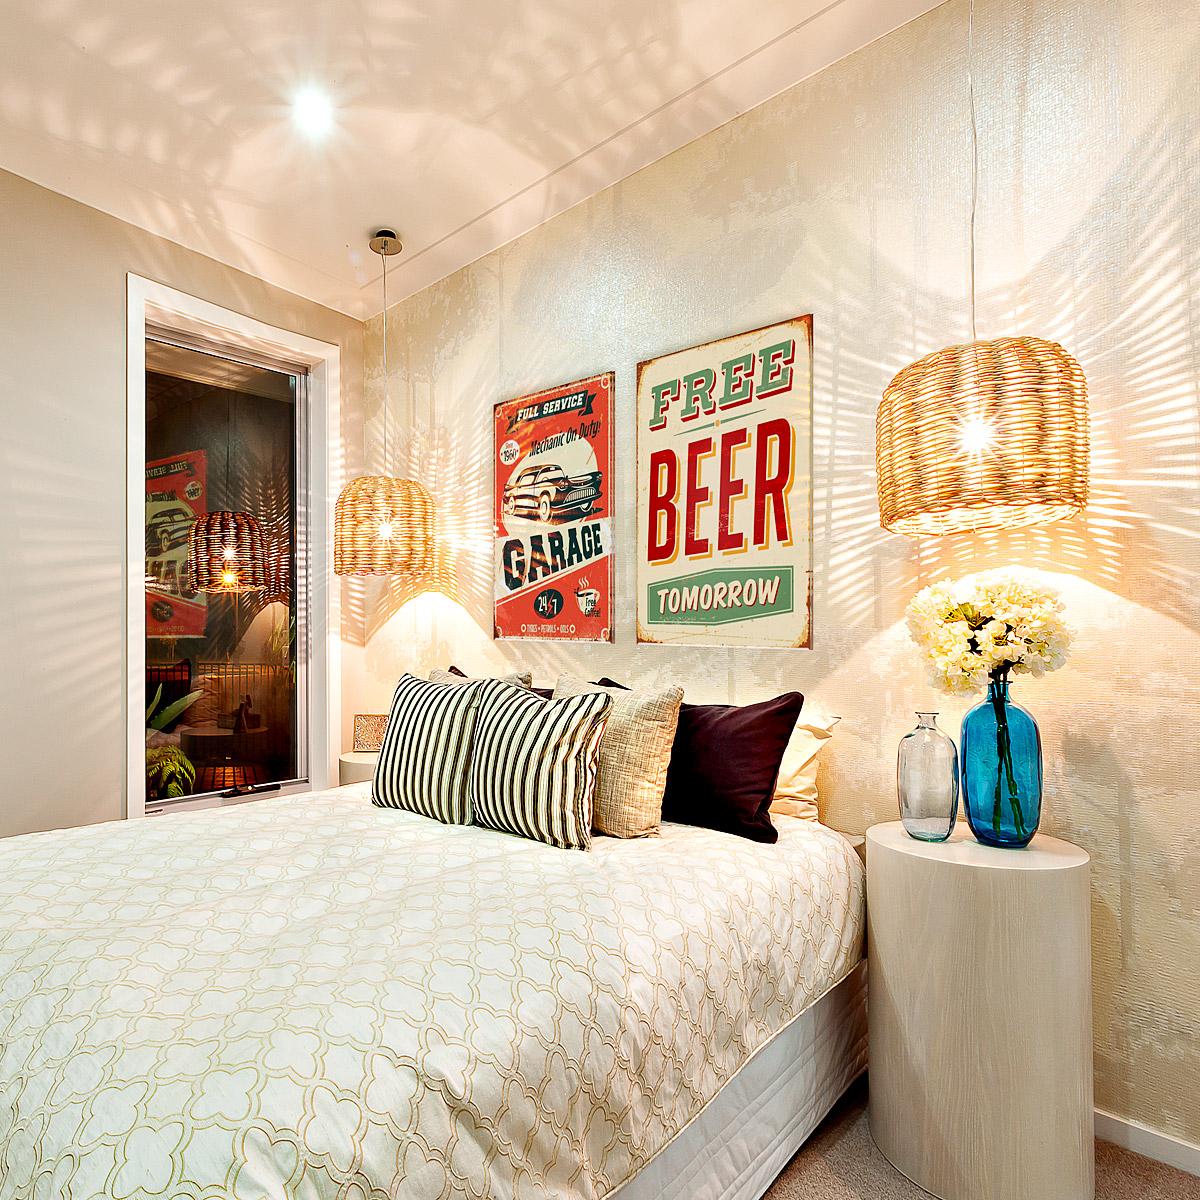 tapeten fototapeten und wandbilder deko im vintage stil. Black Bedroom Furniture Sets. Home Design Ideas